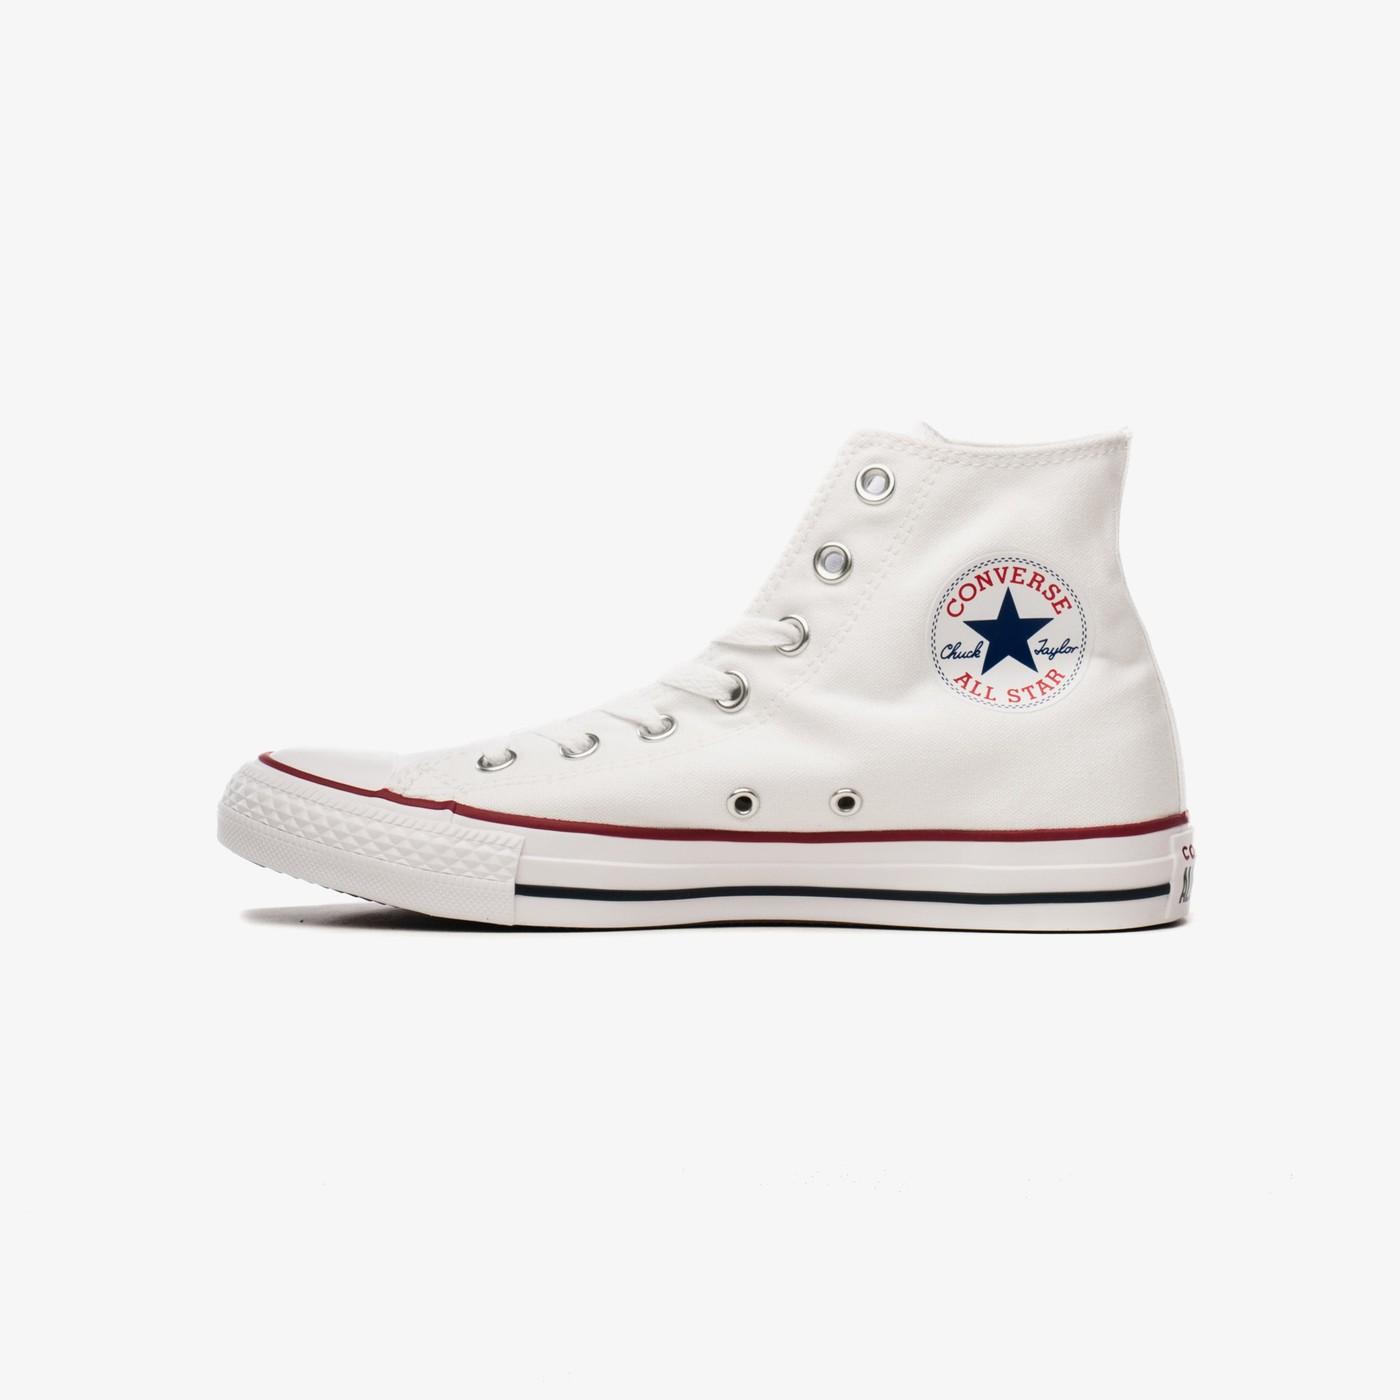 Кеди високі унісекс Converse ALL STAR HI ALL STAR HI